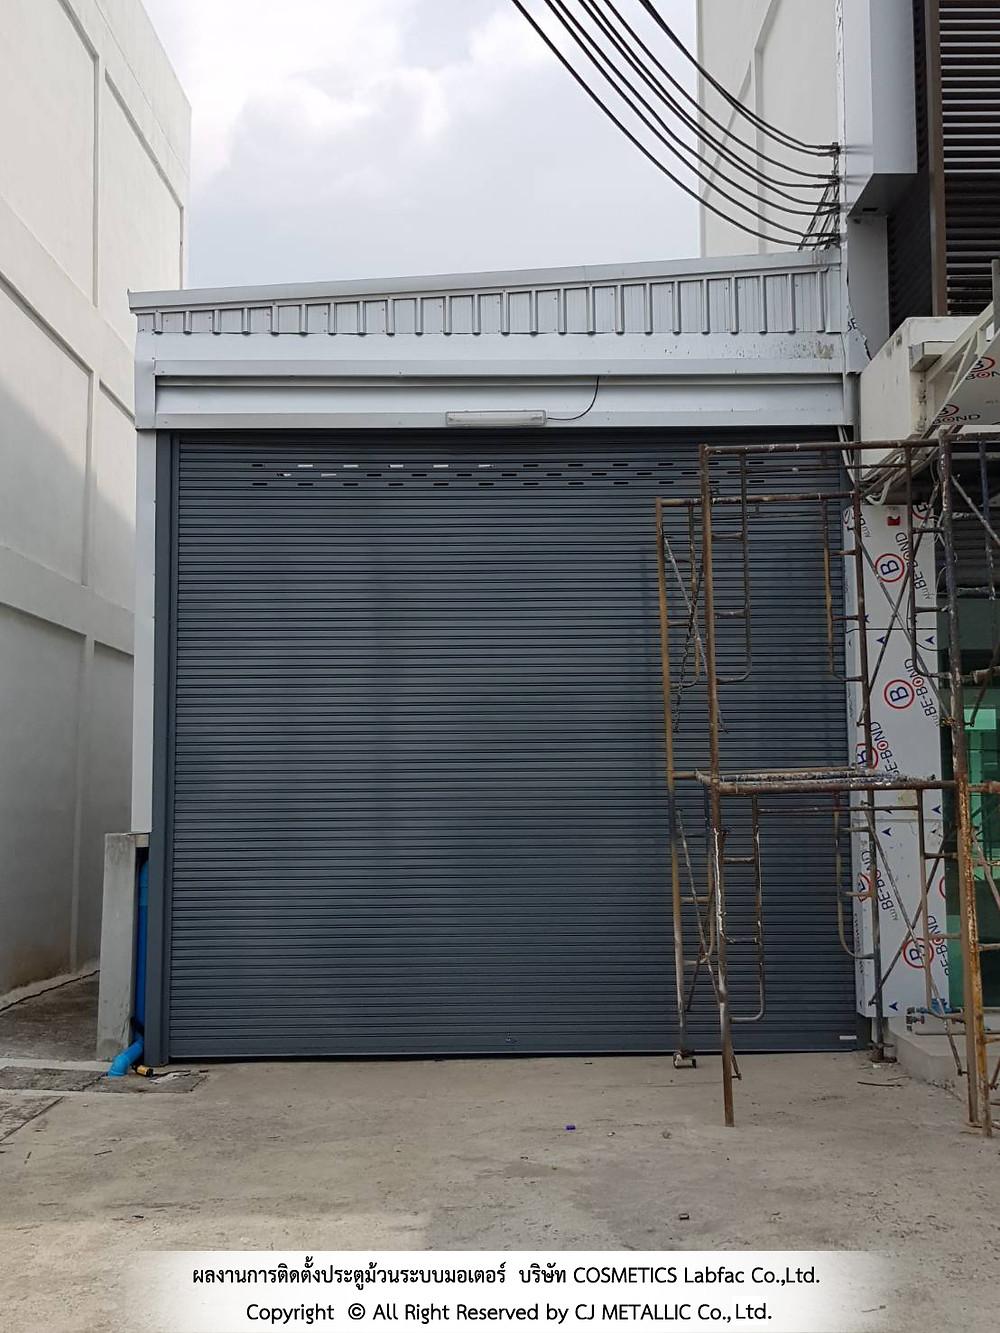 ผลงานการติดตั้งประตูม้วนระบบมอเตอร์ หน่วยงานบริษัท COSMETICS Ladfac Co,. Ltd.